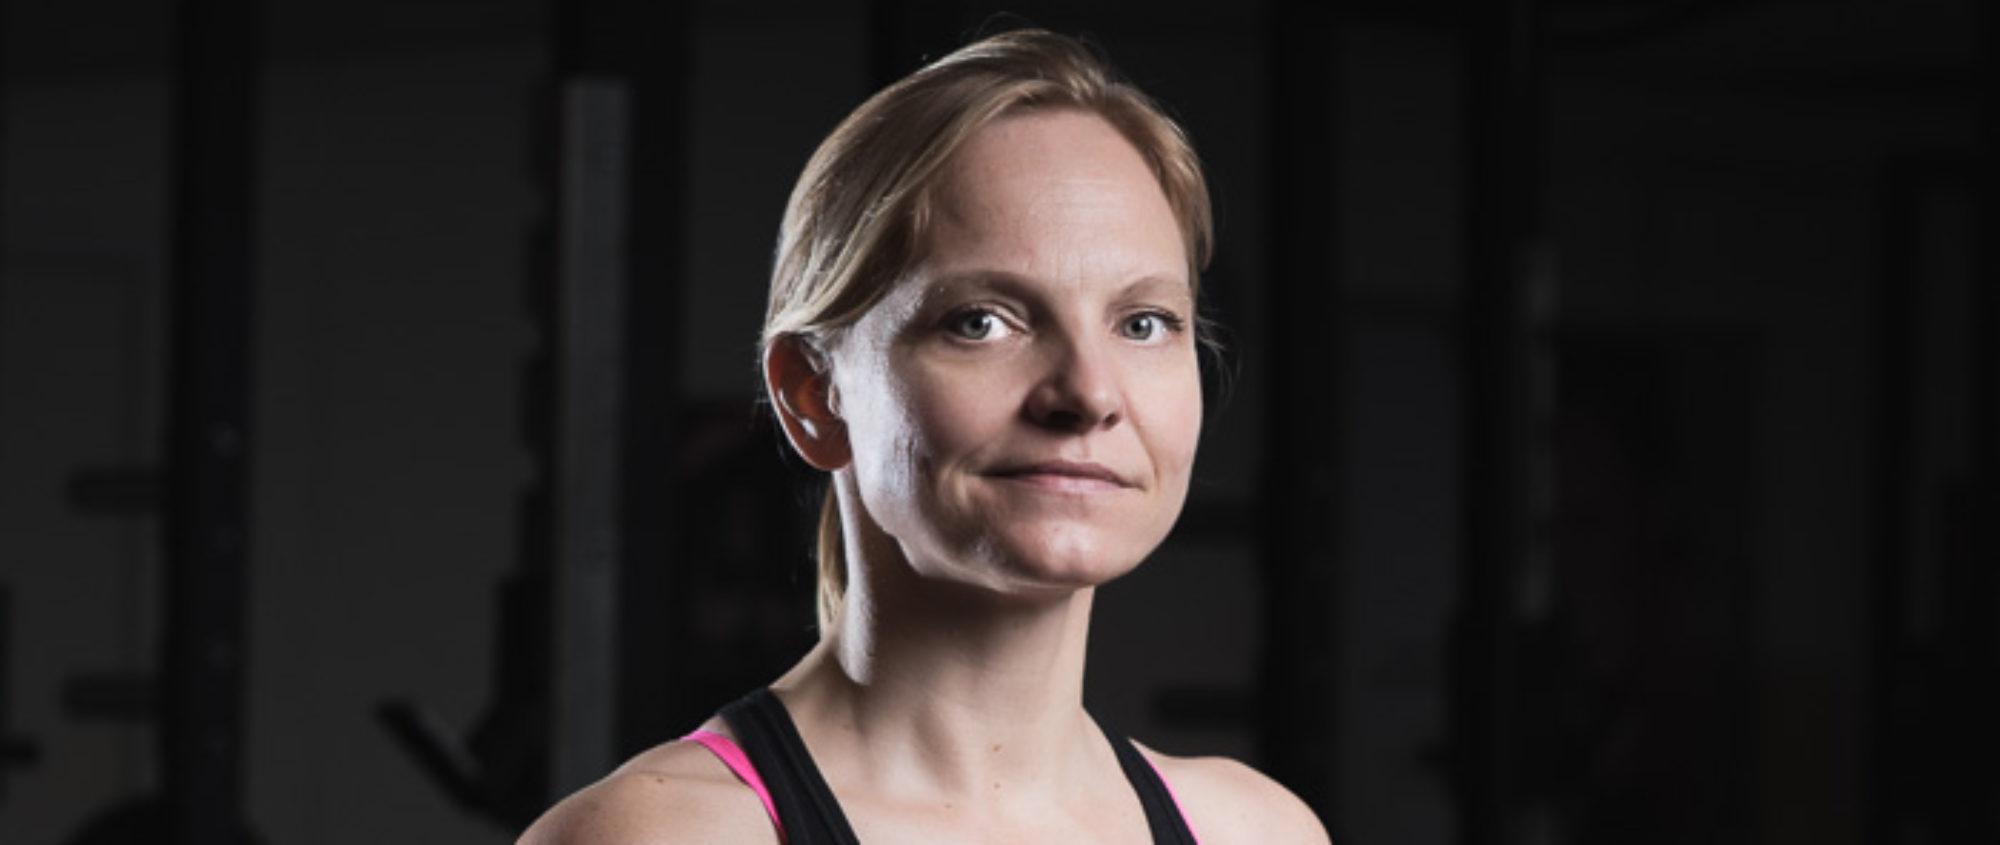 PT Gitte Lauridsen